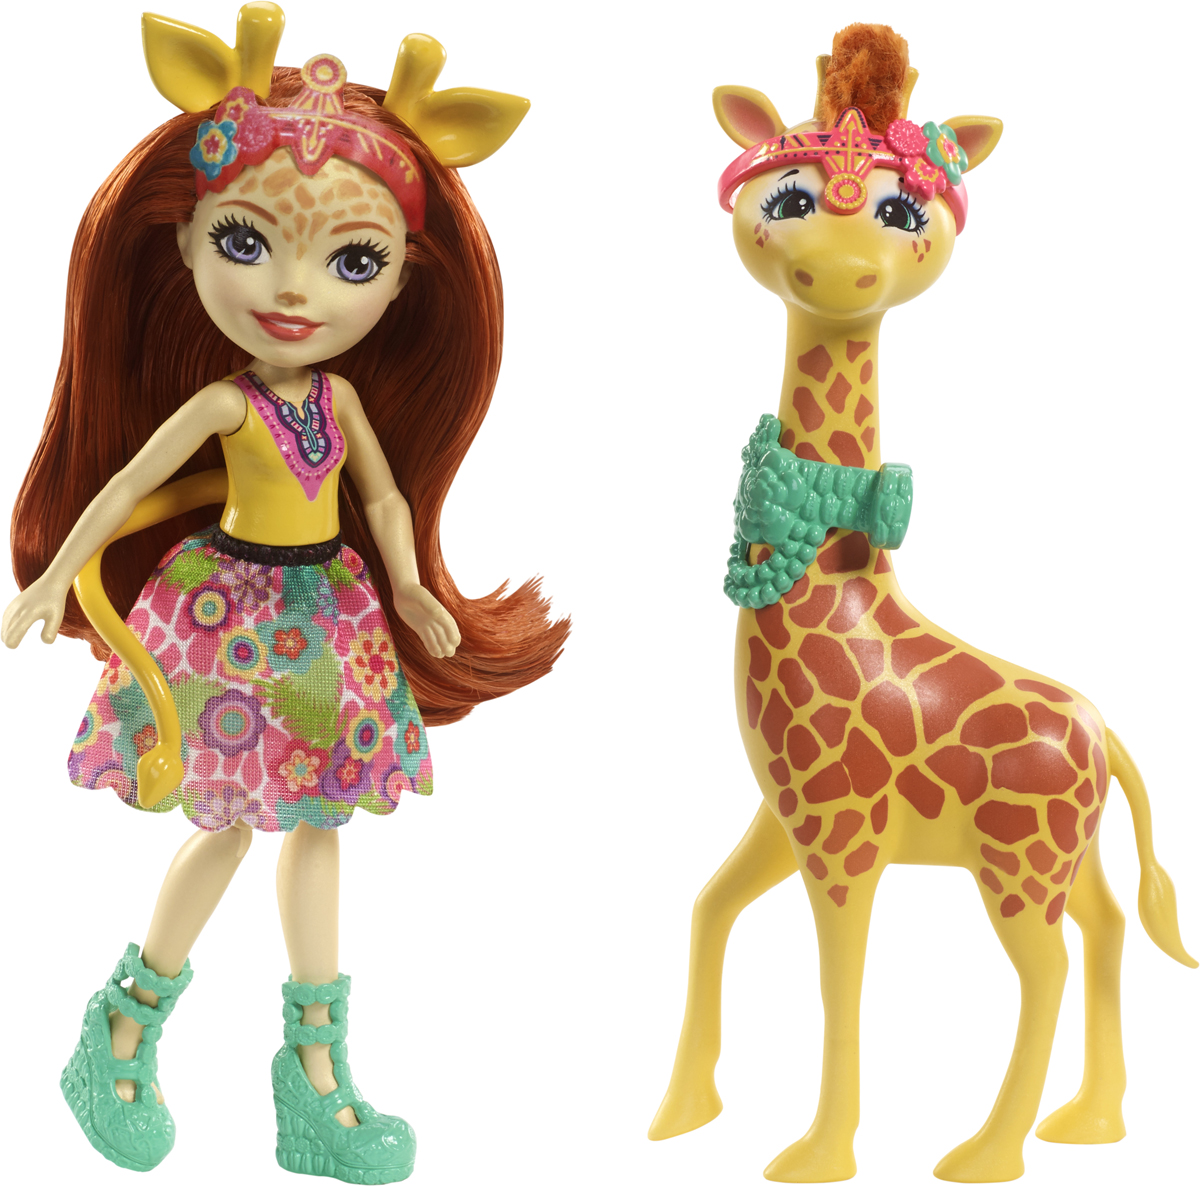 Enchantimals Игровой набор с куклой Gillian Giraffe & Pawl veld co игровой набор с мини куклой my lovely princess цвет одежды сиреневый розовый голубой